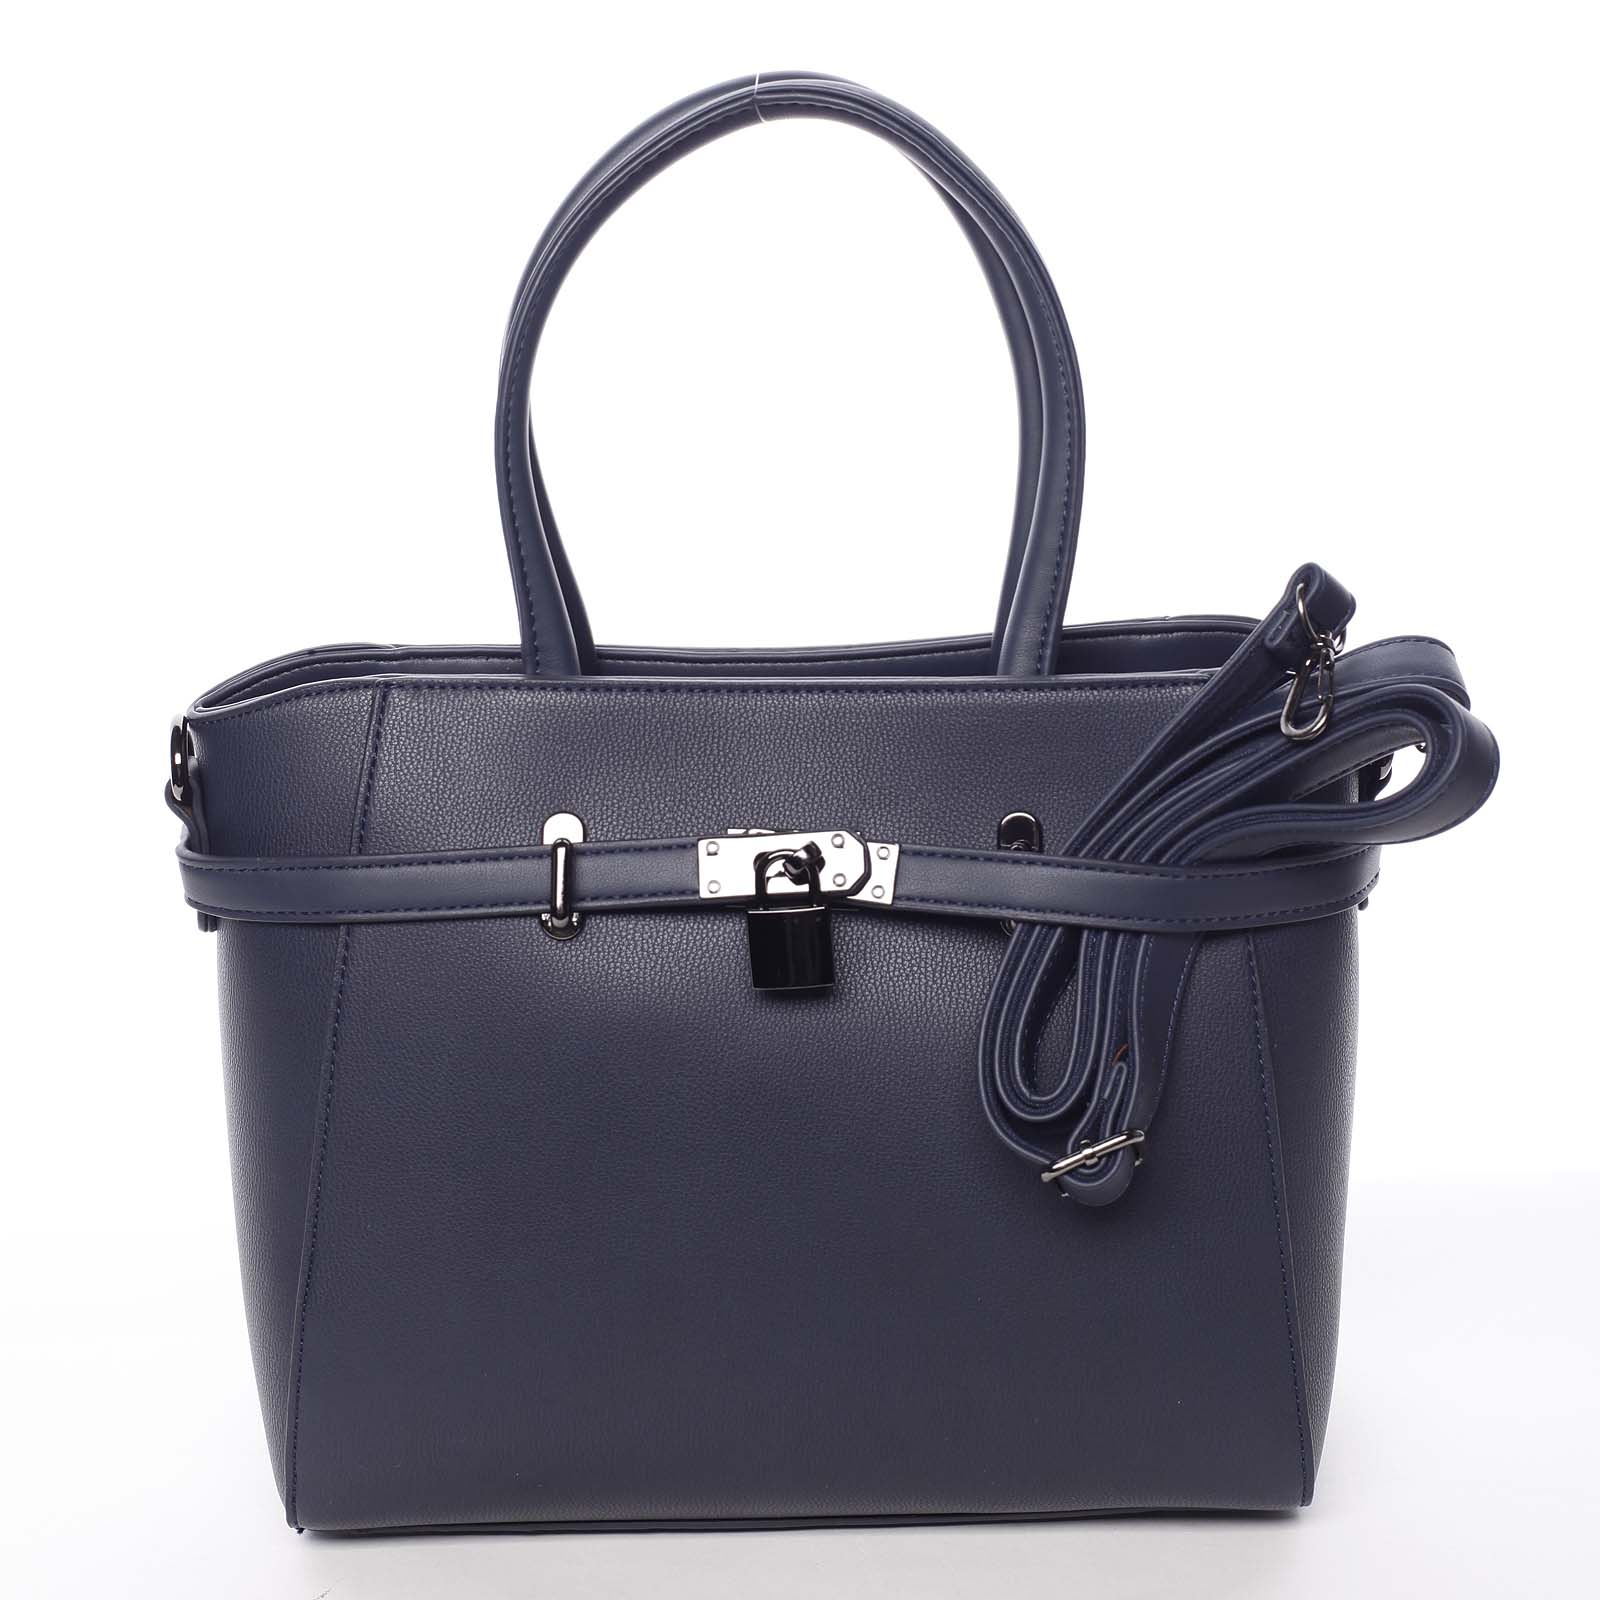 Luxusná štýlová menšia tmavomodrá kabelka do ruky - David Jones Haless